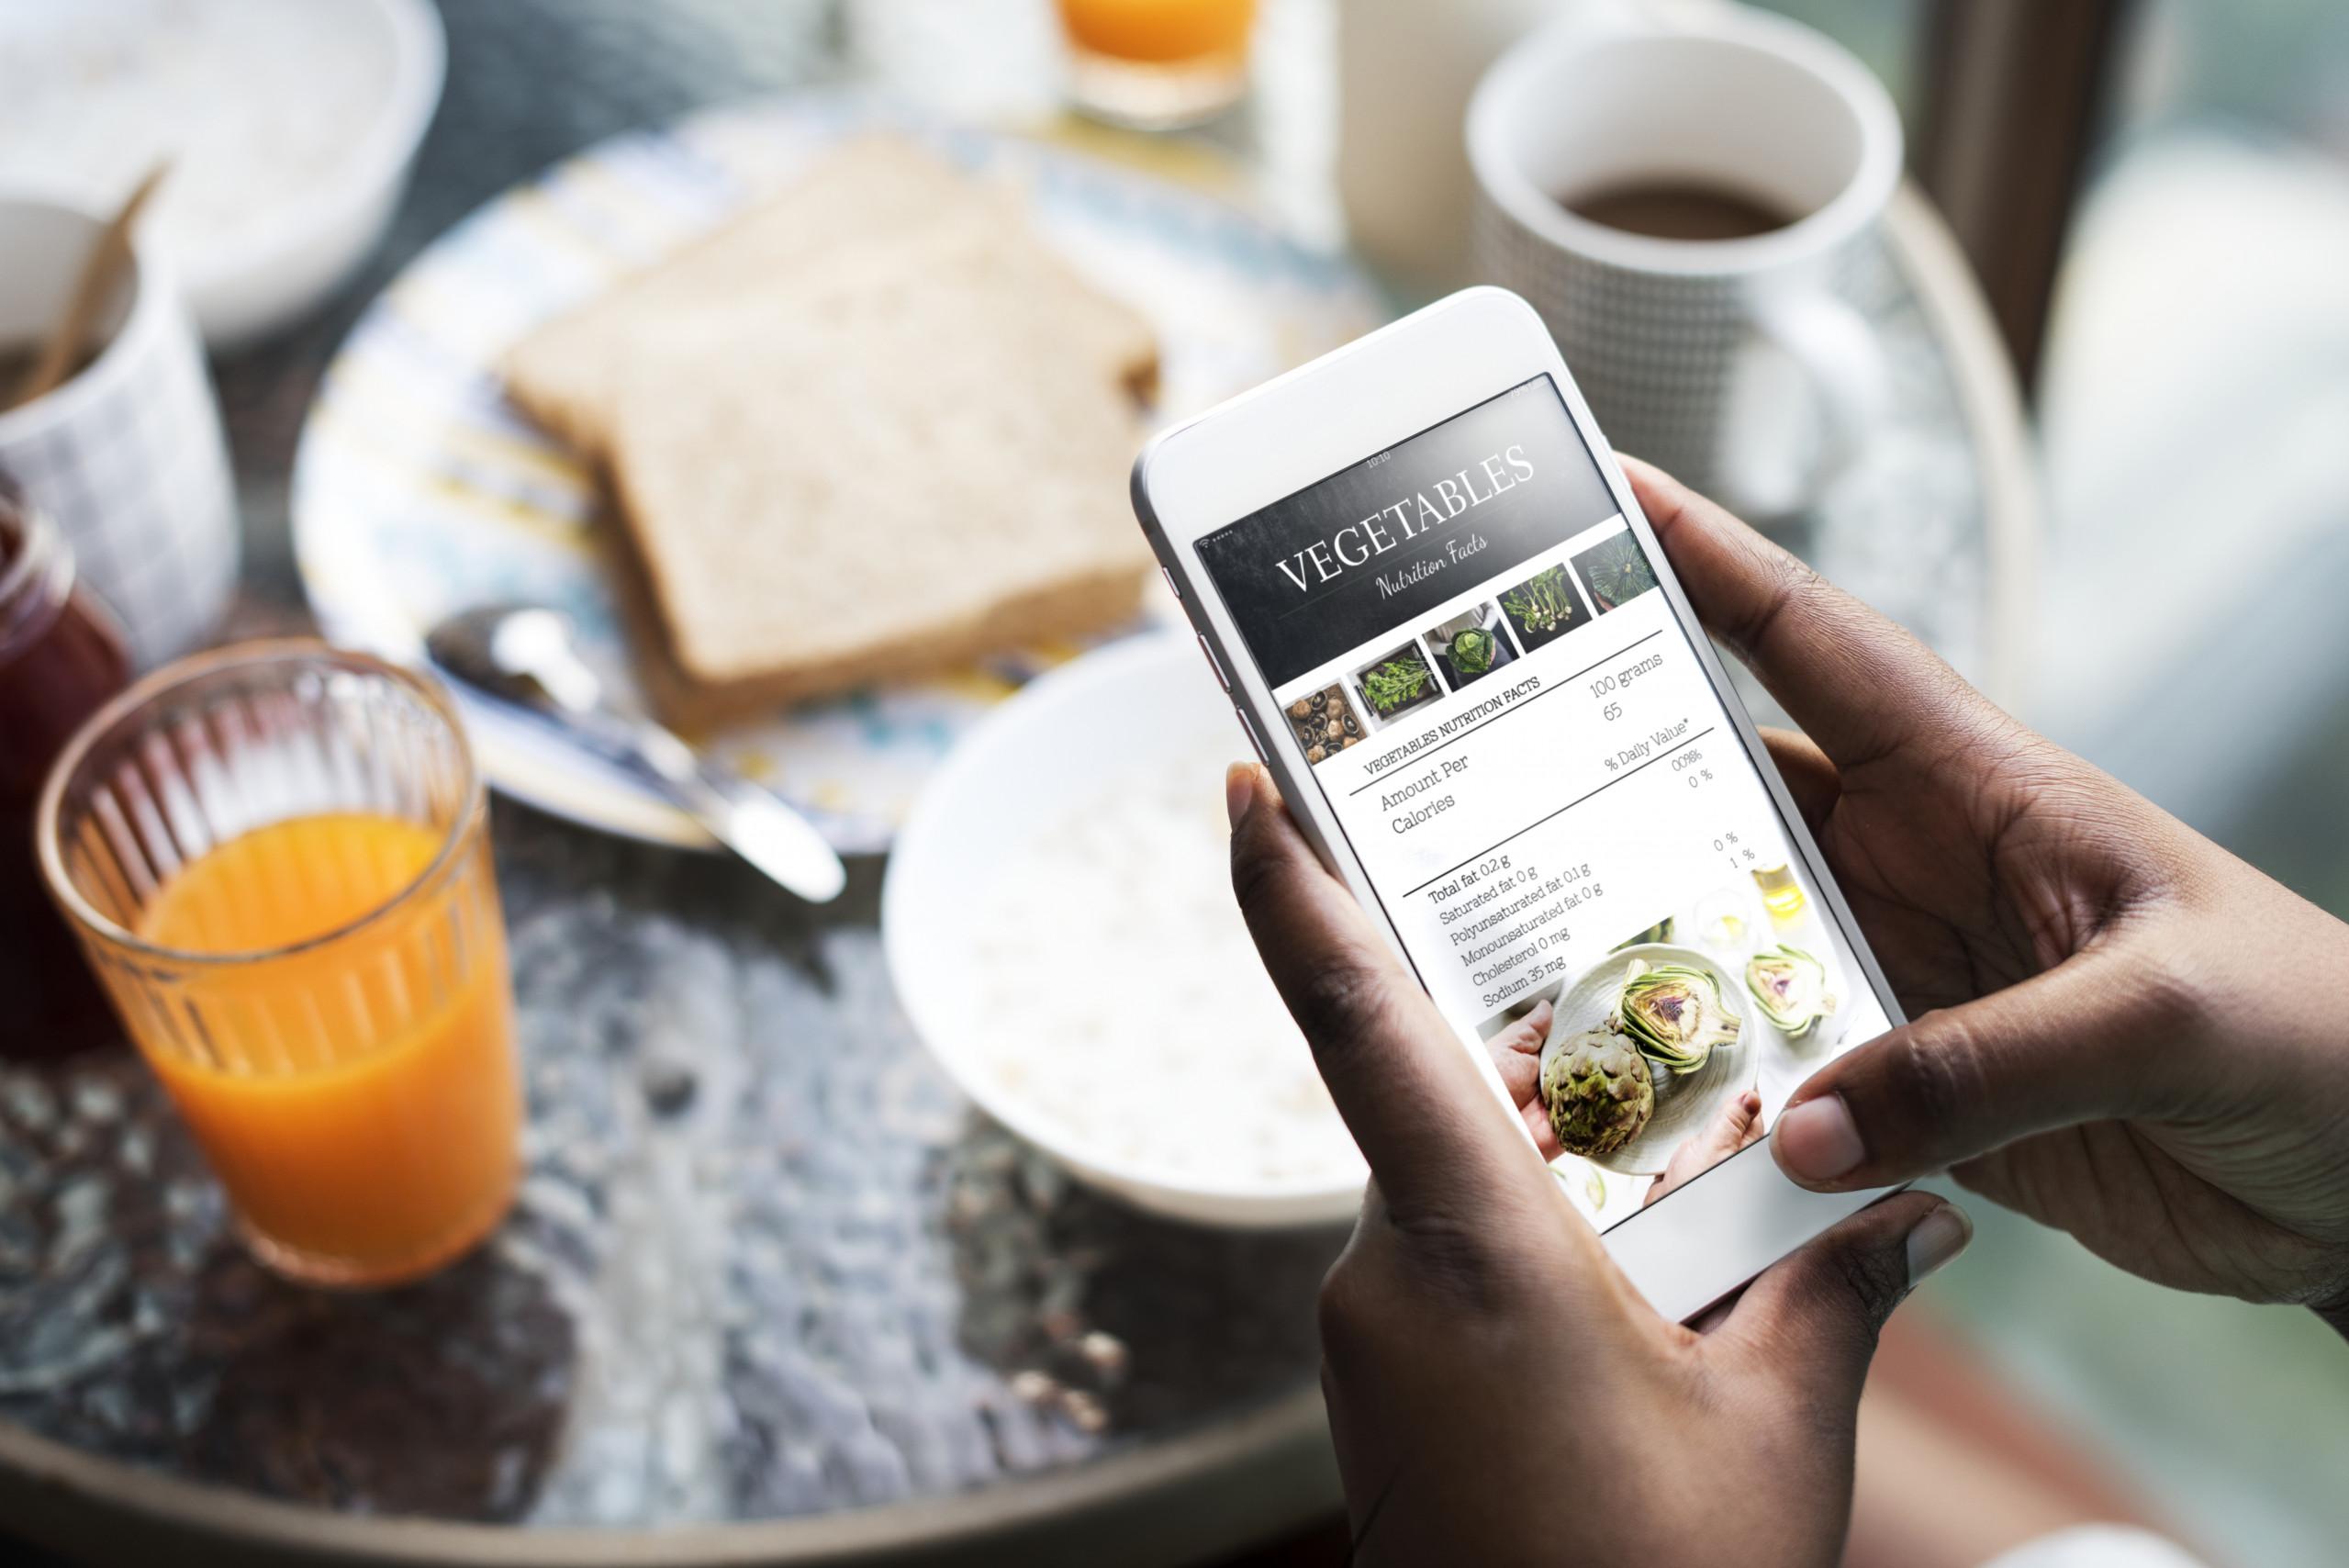 İnternetten lezzetli yemekler sipariş edin